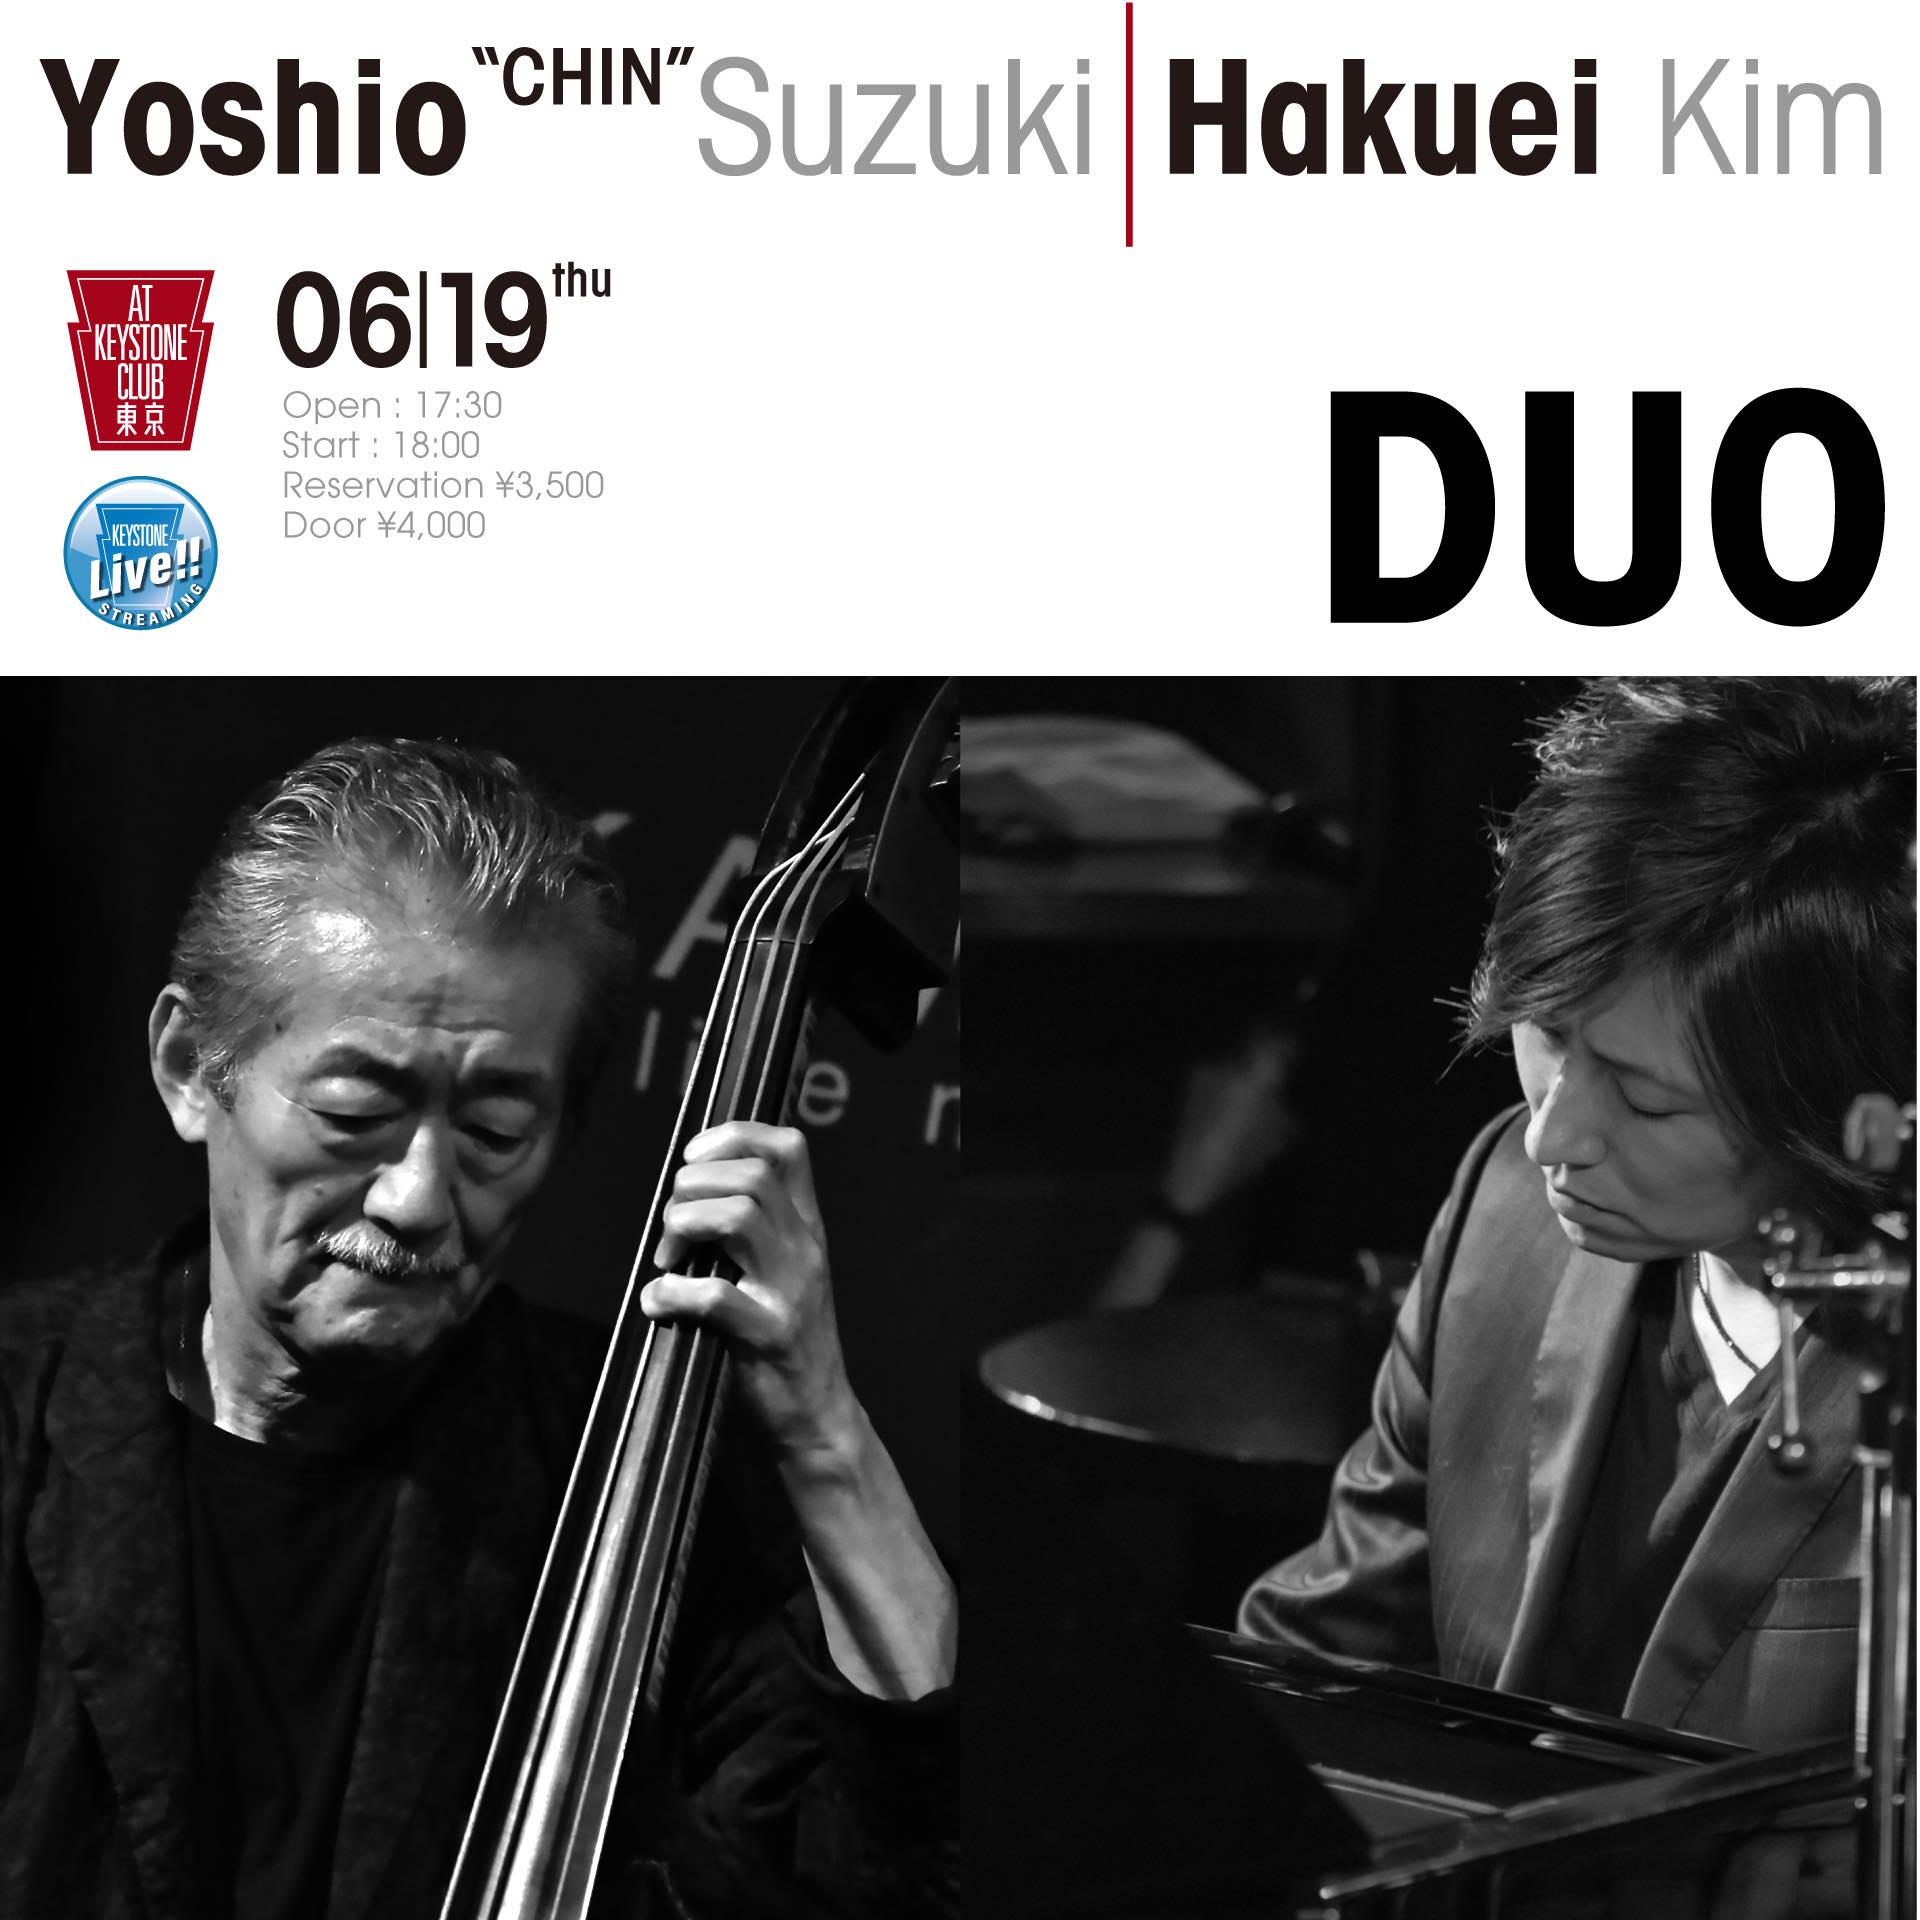 鈴木良雄・ハクエイ・キム DUO